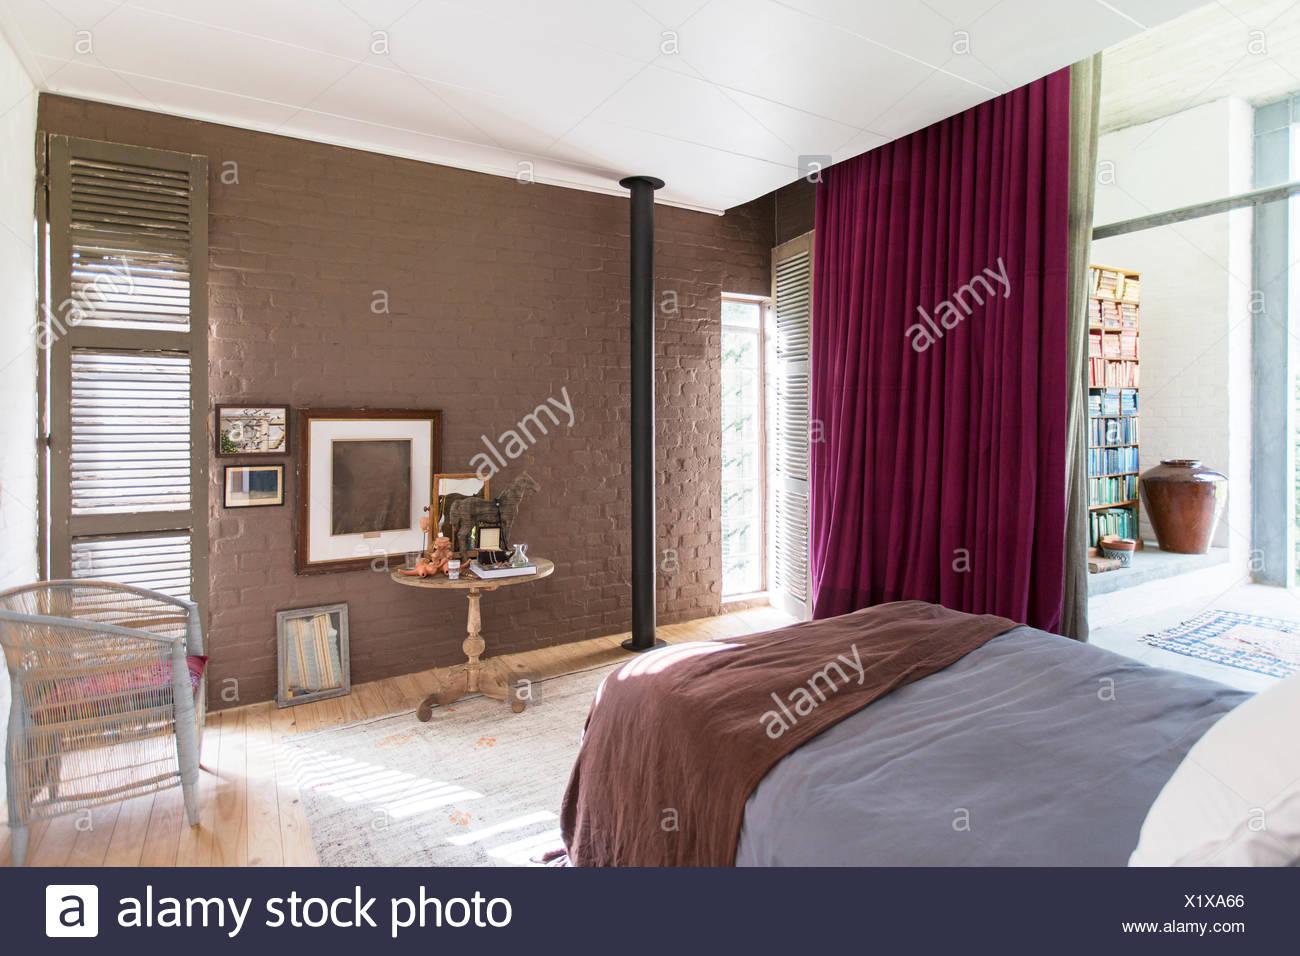 Letto, Tavolino e immagini in camera da letto in stile rustico Immagini Stock